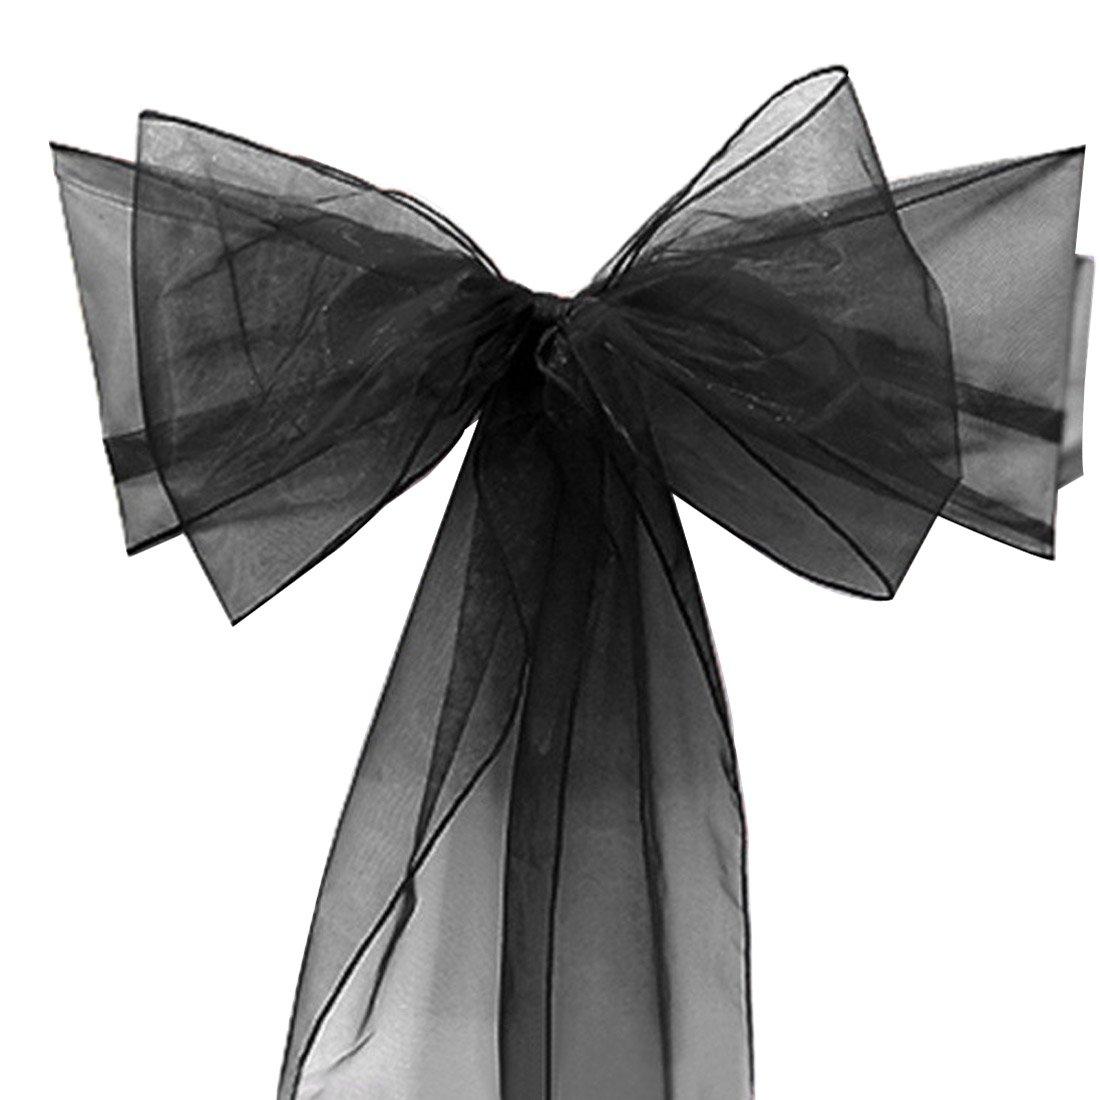 suave y elegante beige Lazos de organza para decoraci/ón de banquetes de boda 17,78 x 274,32 cm 50 unidades Calcifer